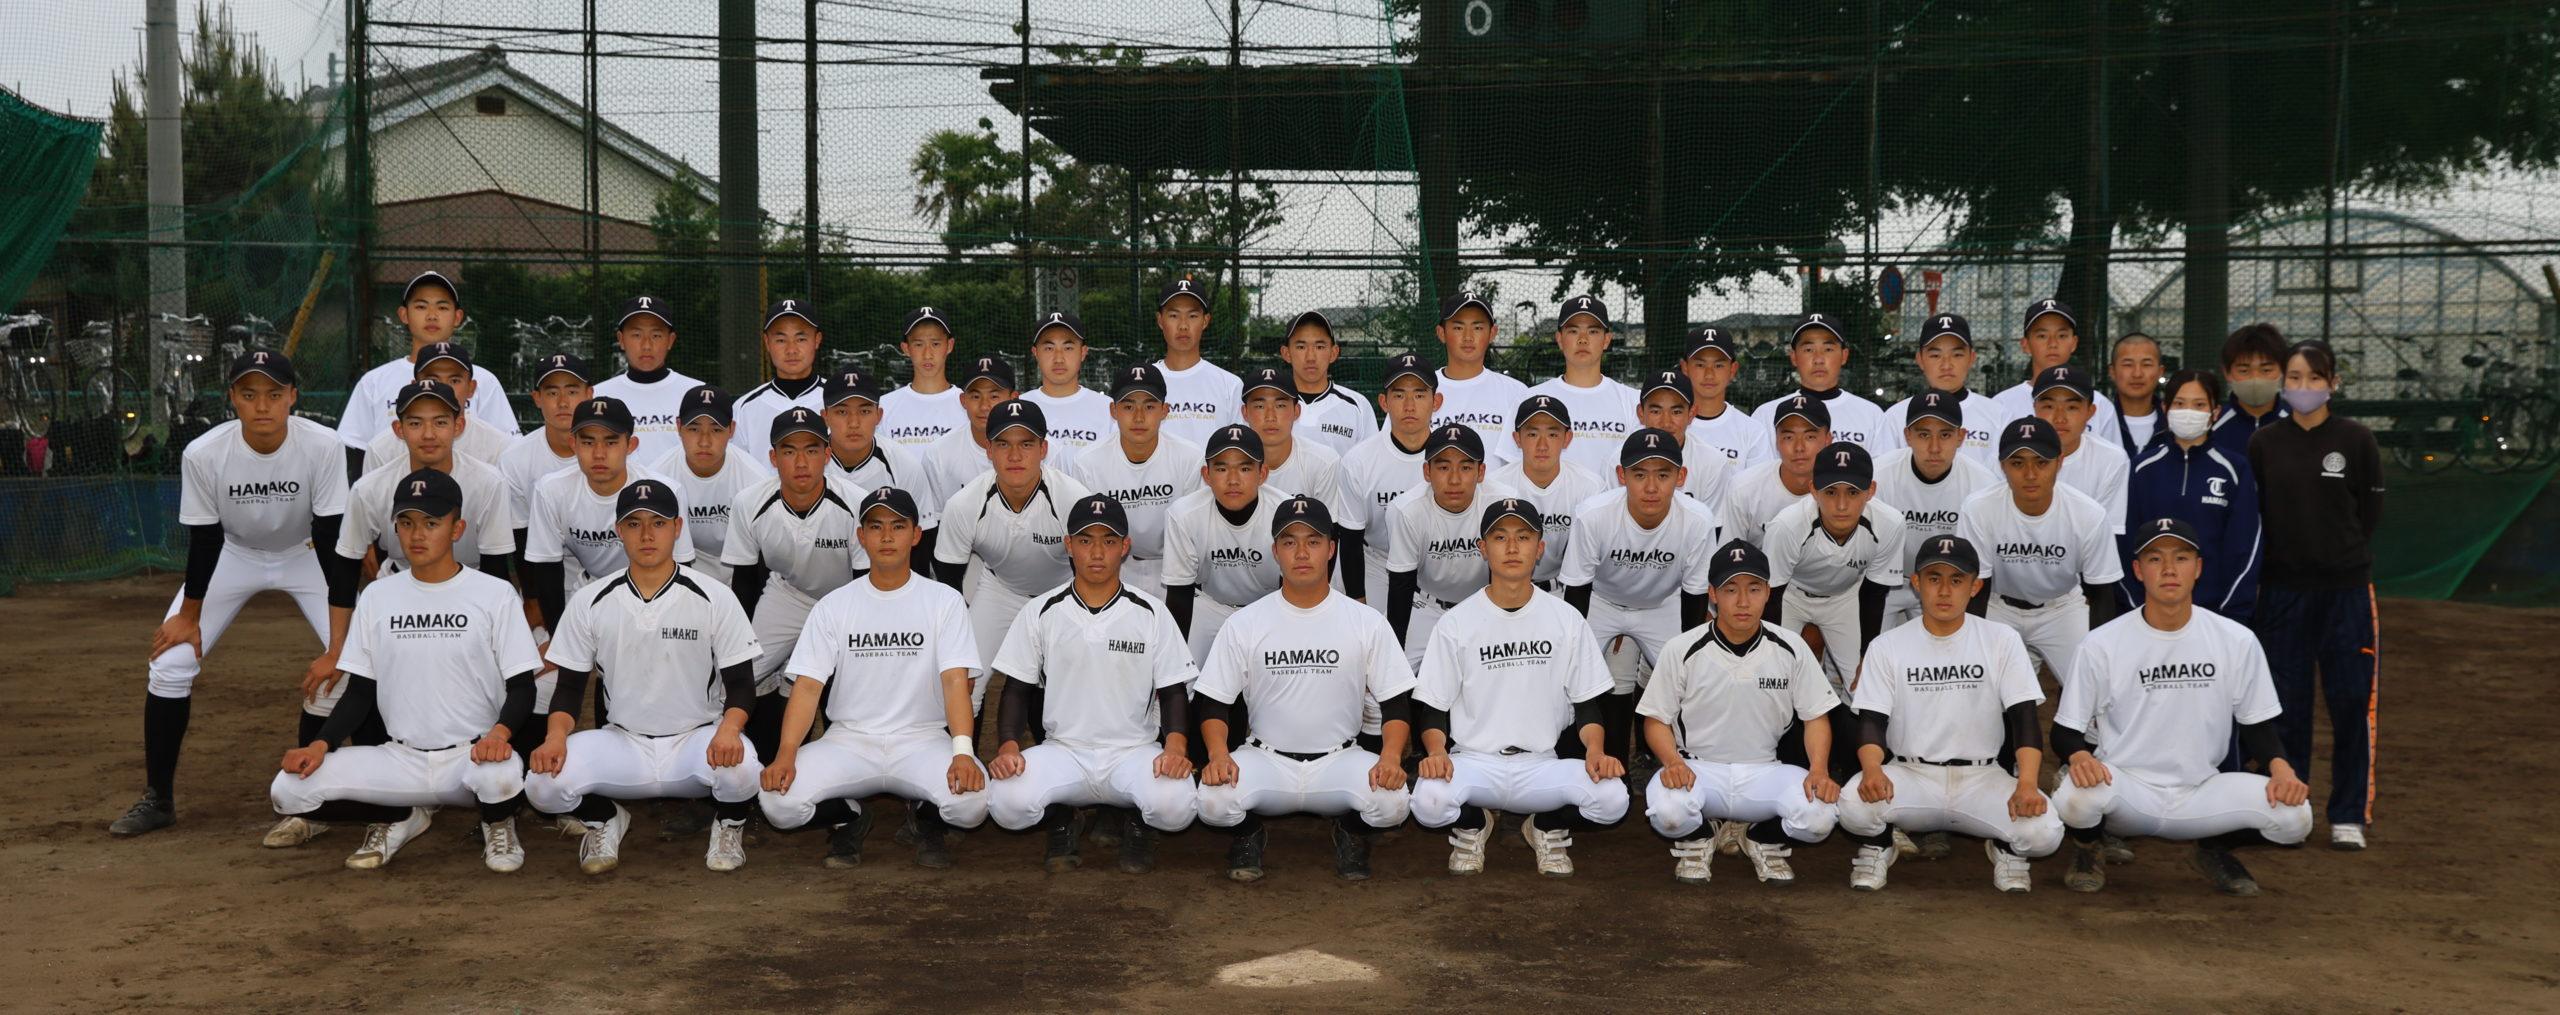 【浜松工 野球部】「春3位」#川崎北